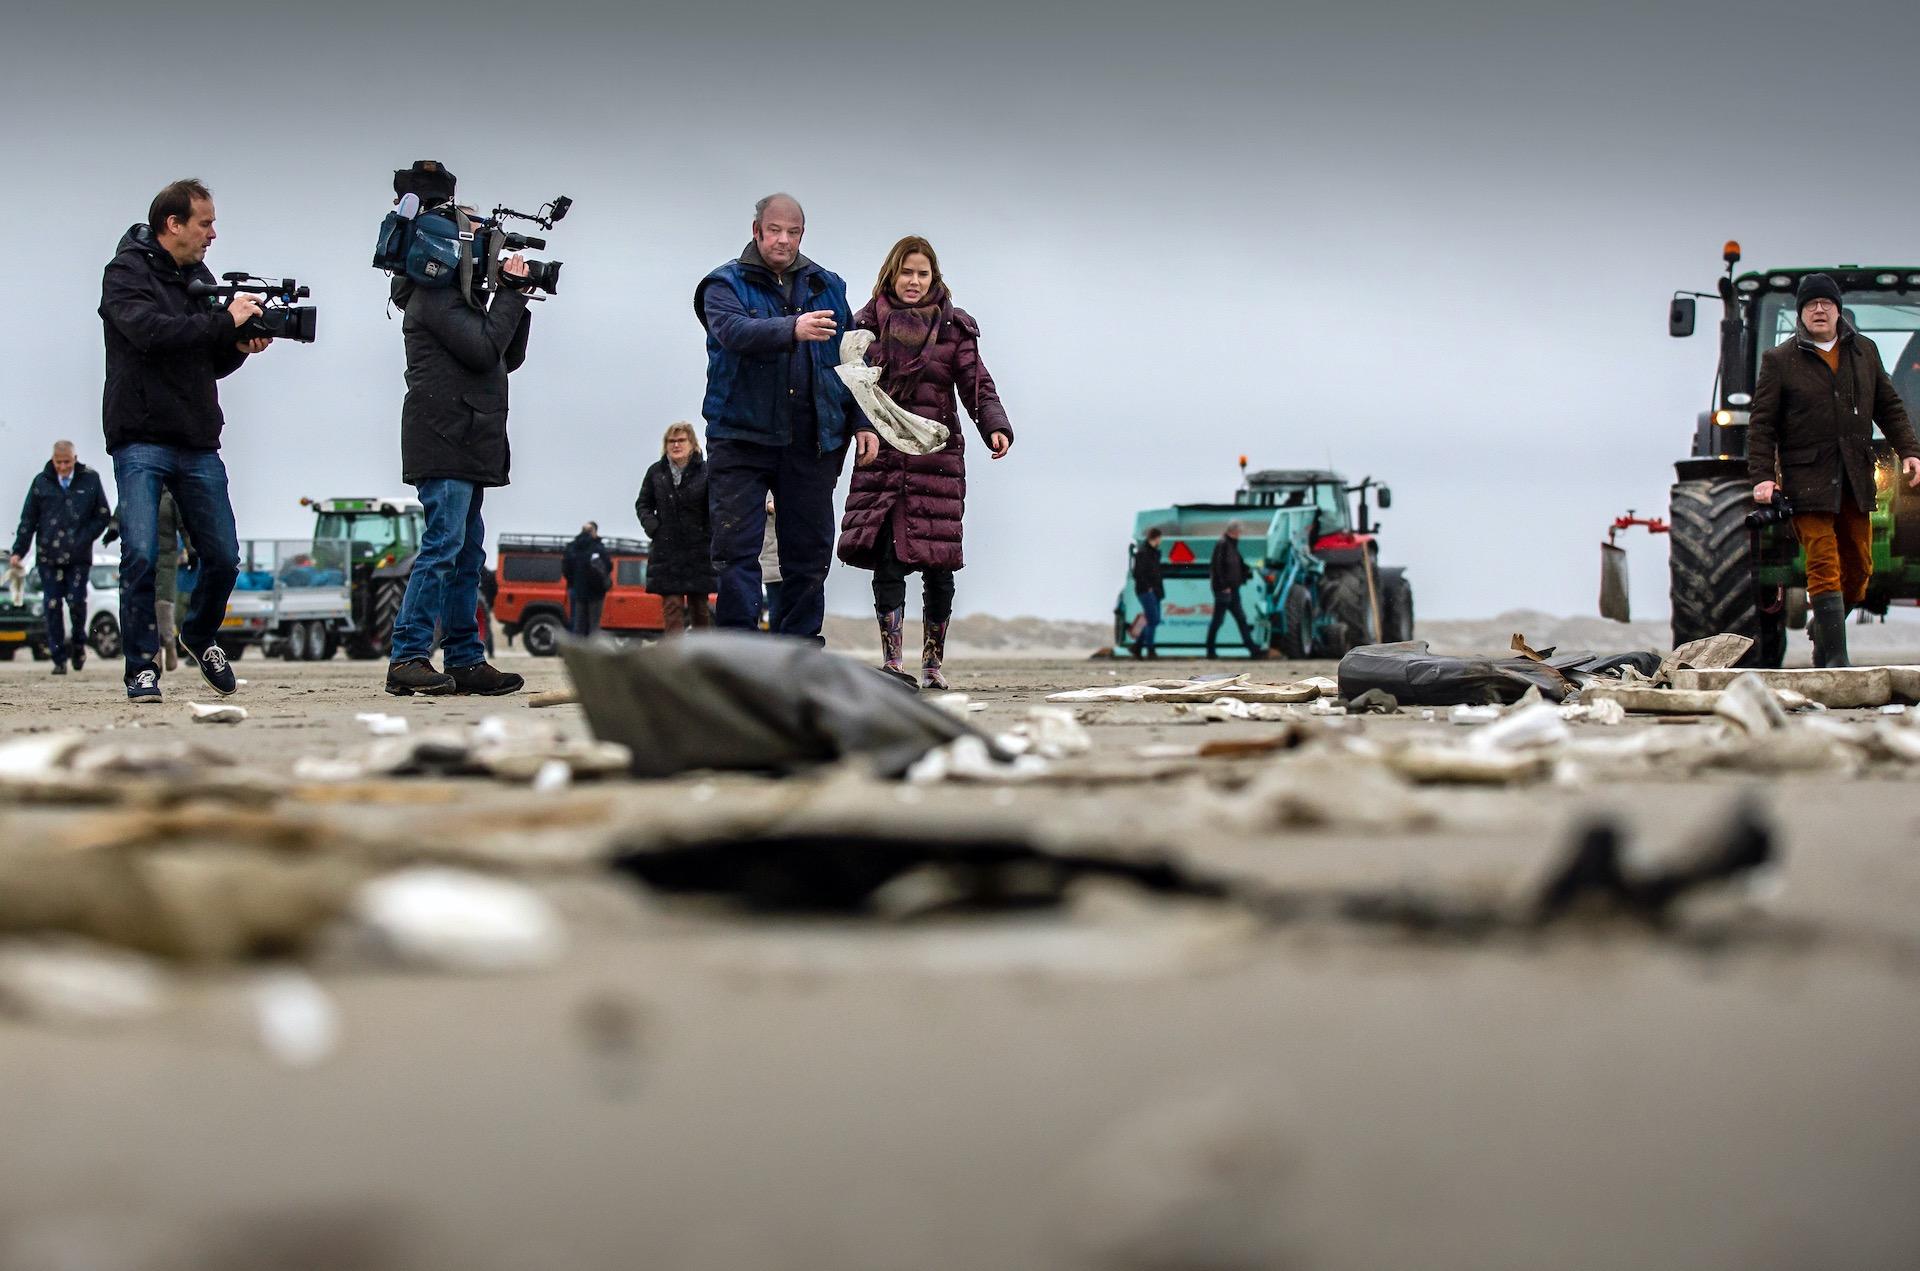 Van Nieuwenhuizen neemt het woord 'ecologische ramp' in de mondMinister Cora van Nieuwenhuizen (Infrastructuur en Waterstaat) brengt donderdag een werkbezoek aan Terschelling. Ze zal zich daar persoonlijk op de hoogte stellen over de gevolgen van de 290 containers die vorige week zijn verloren door het containerschip MSC Zoe bij de Waddeneilanden. foto 4